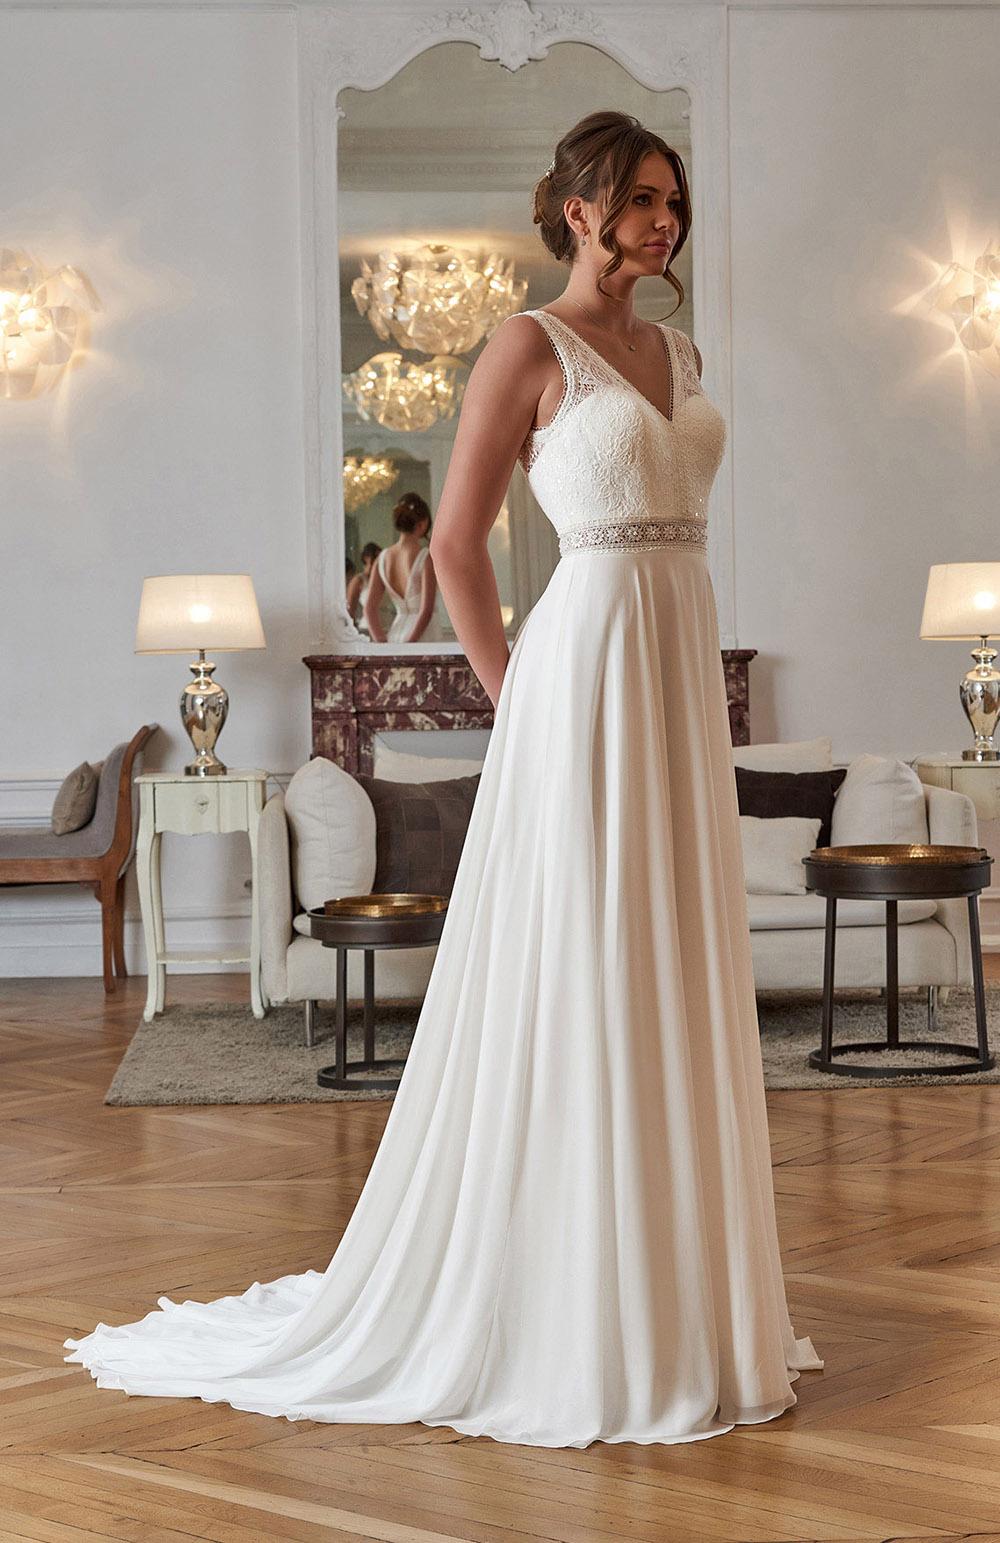 Robe de mariée Modèle Eclipse